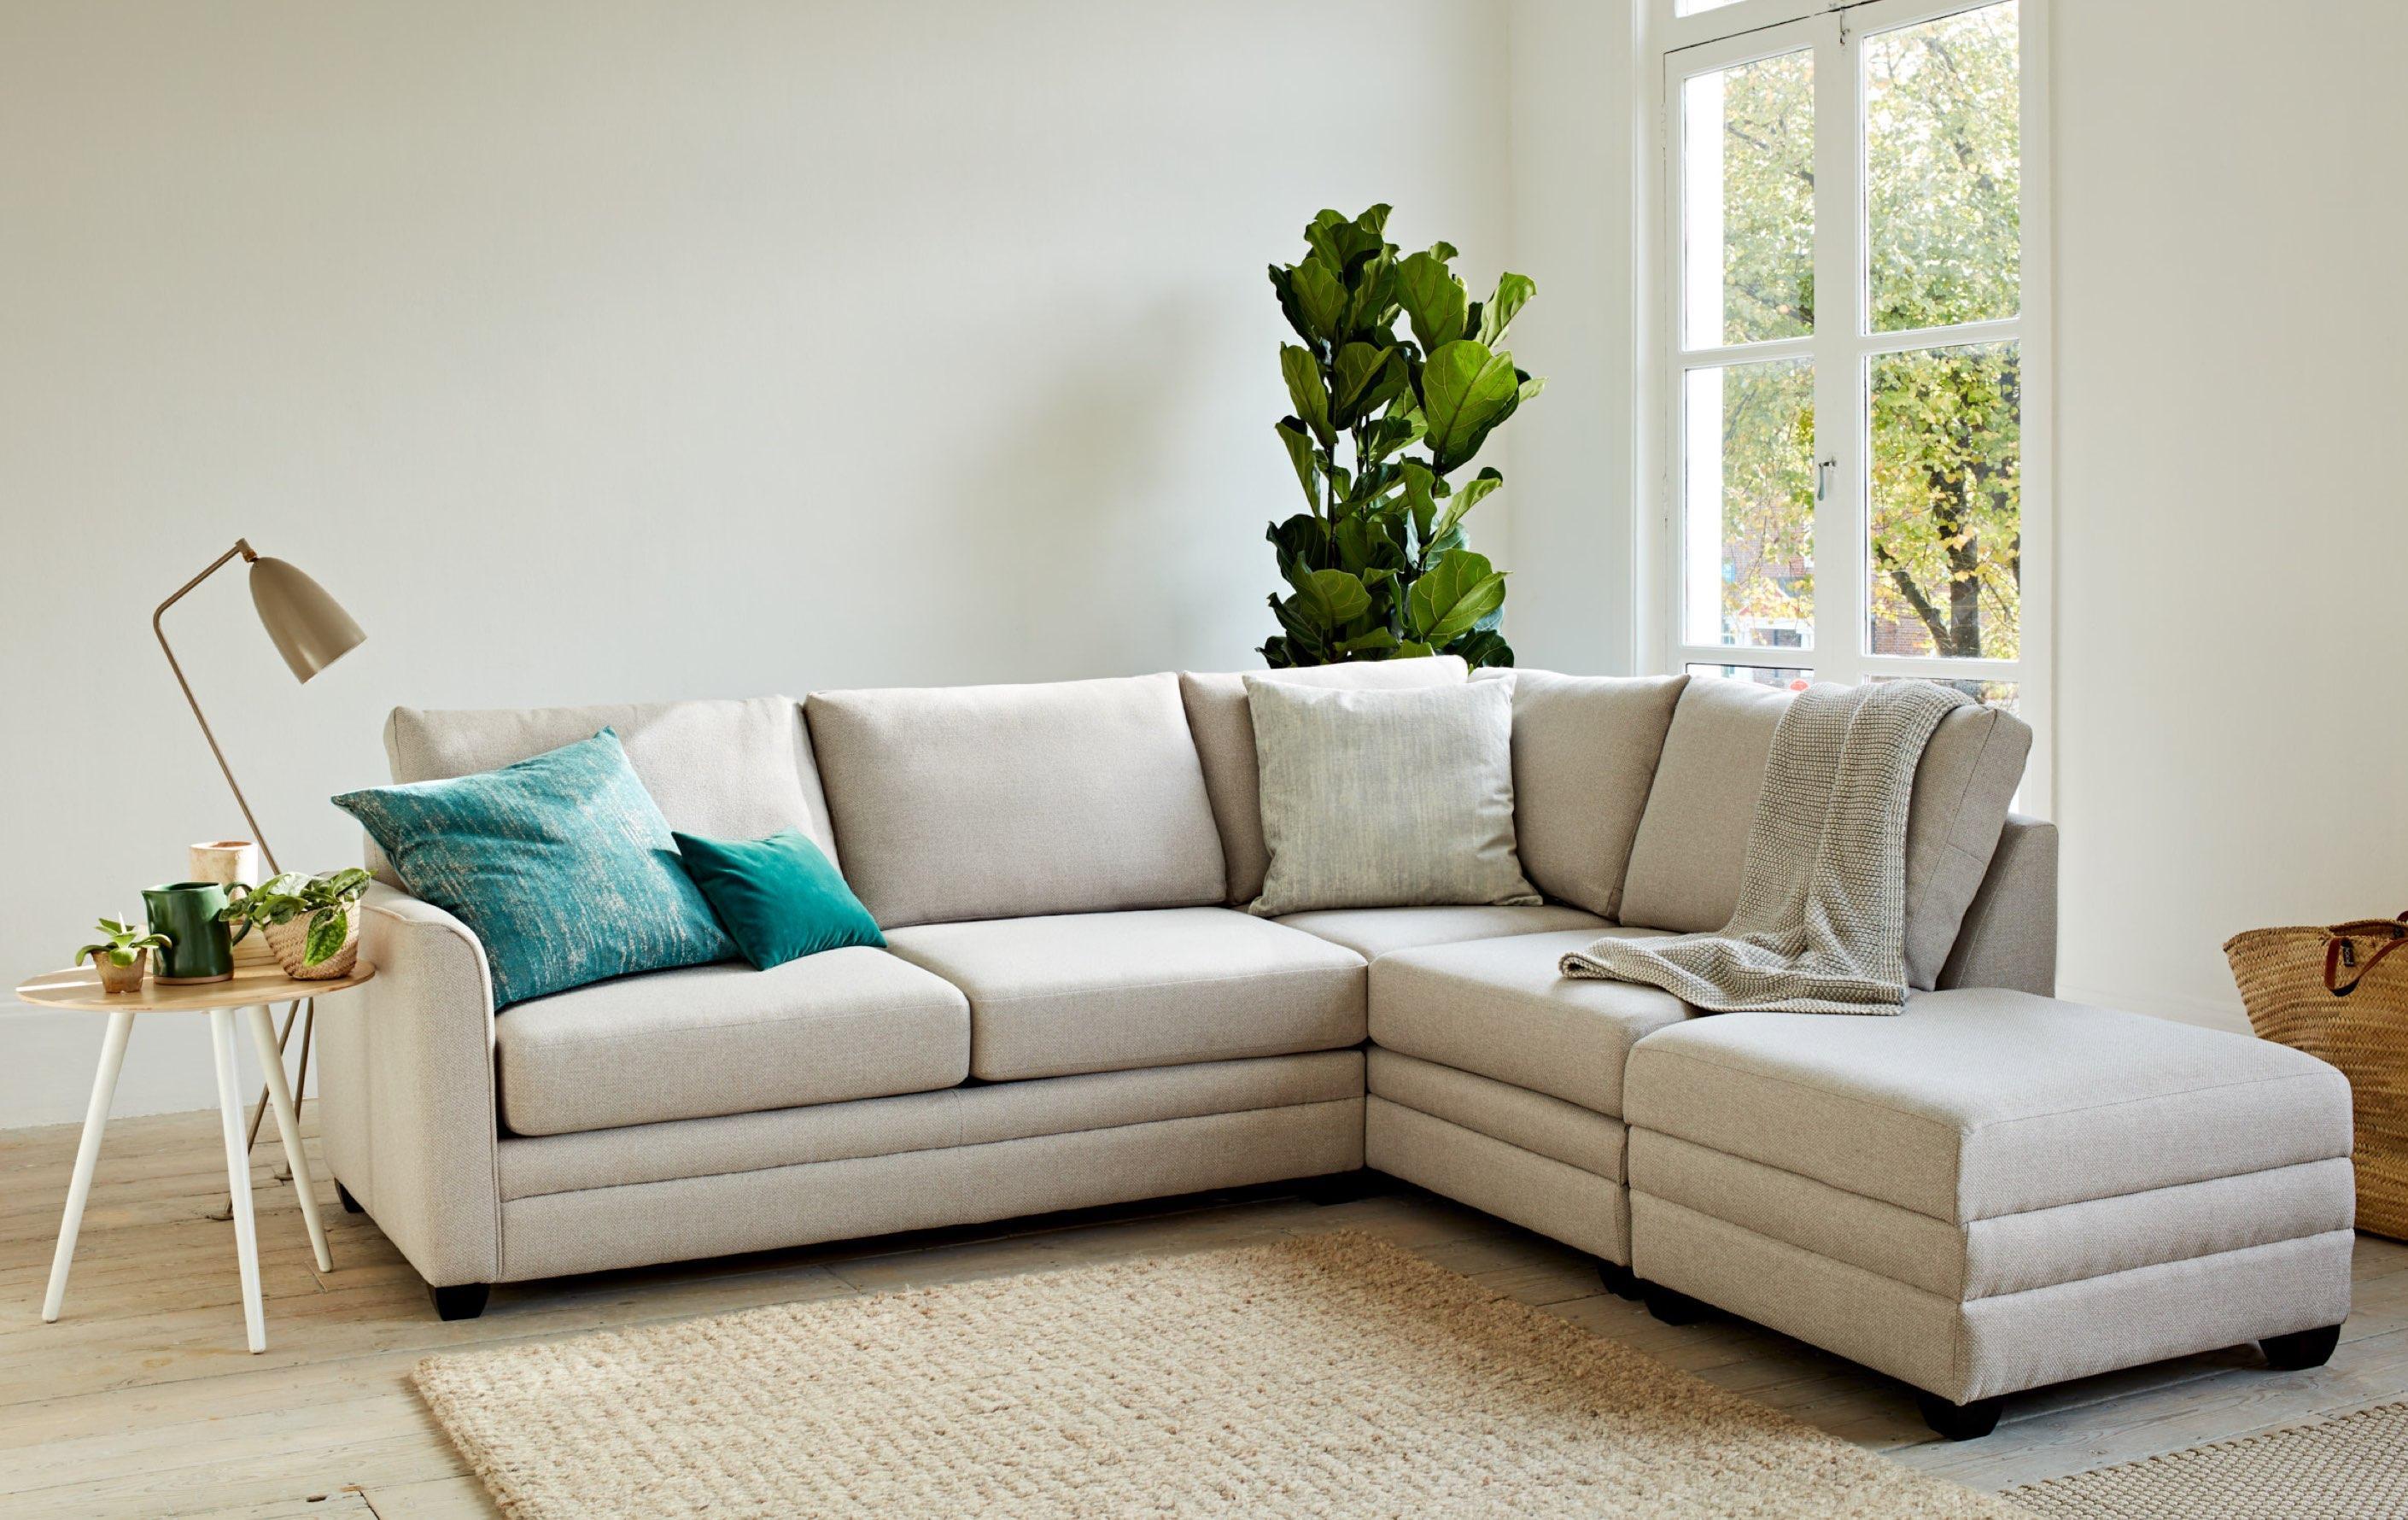 Sensational Help Advice Faqs Beatyapartments Chair Design Images Beatyapartmentscom